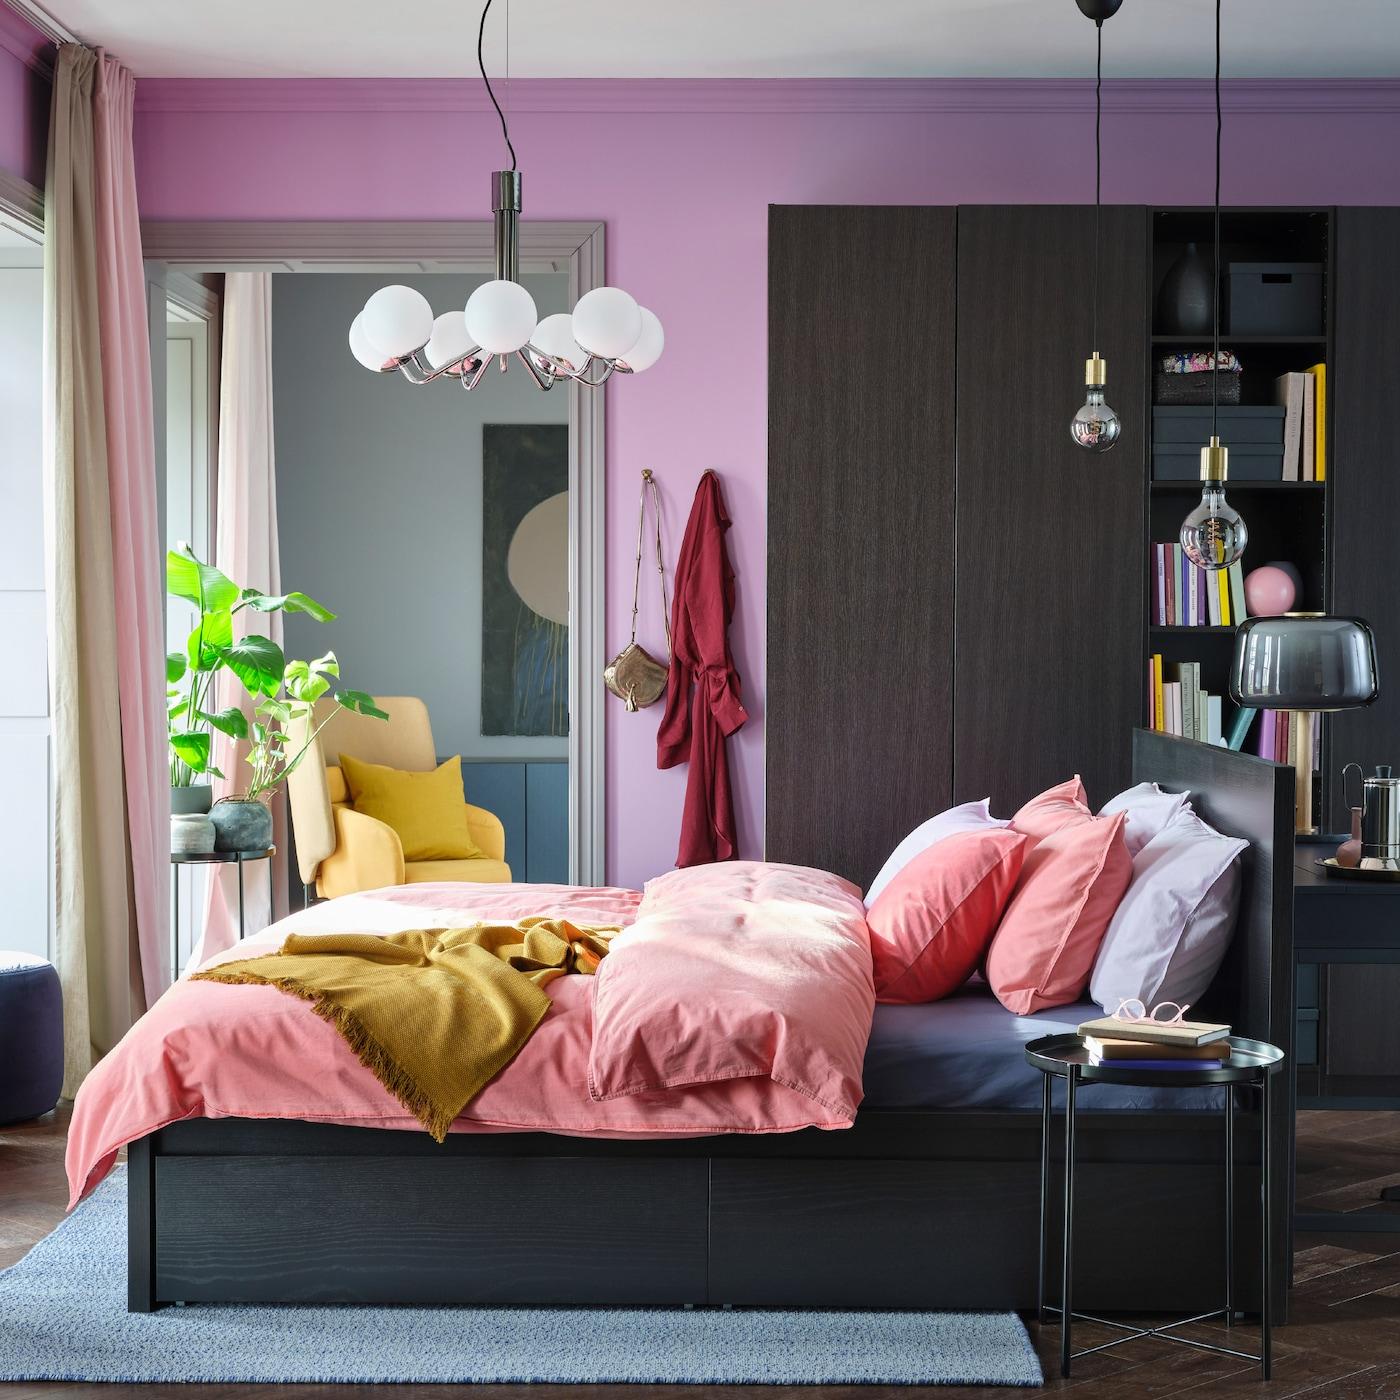 Színes hálószoba, lila falakkal, világos barna-piros ágyneművel, sárga takaróval, gardróbbal és fekete-barna ágykerettel.